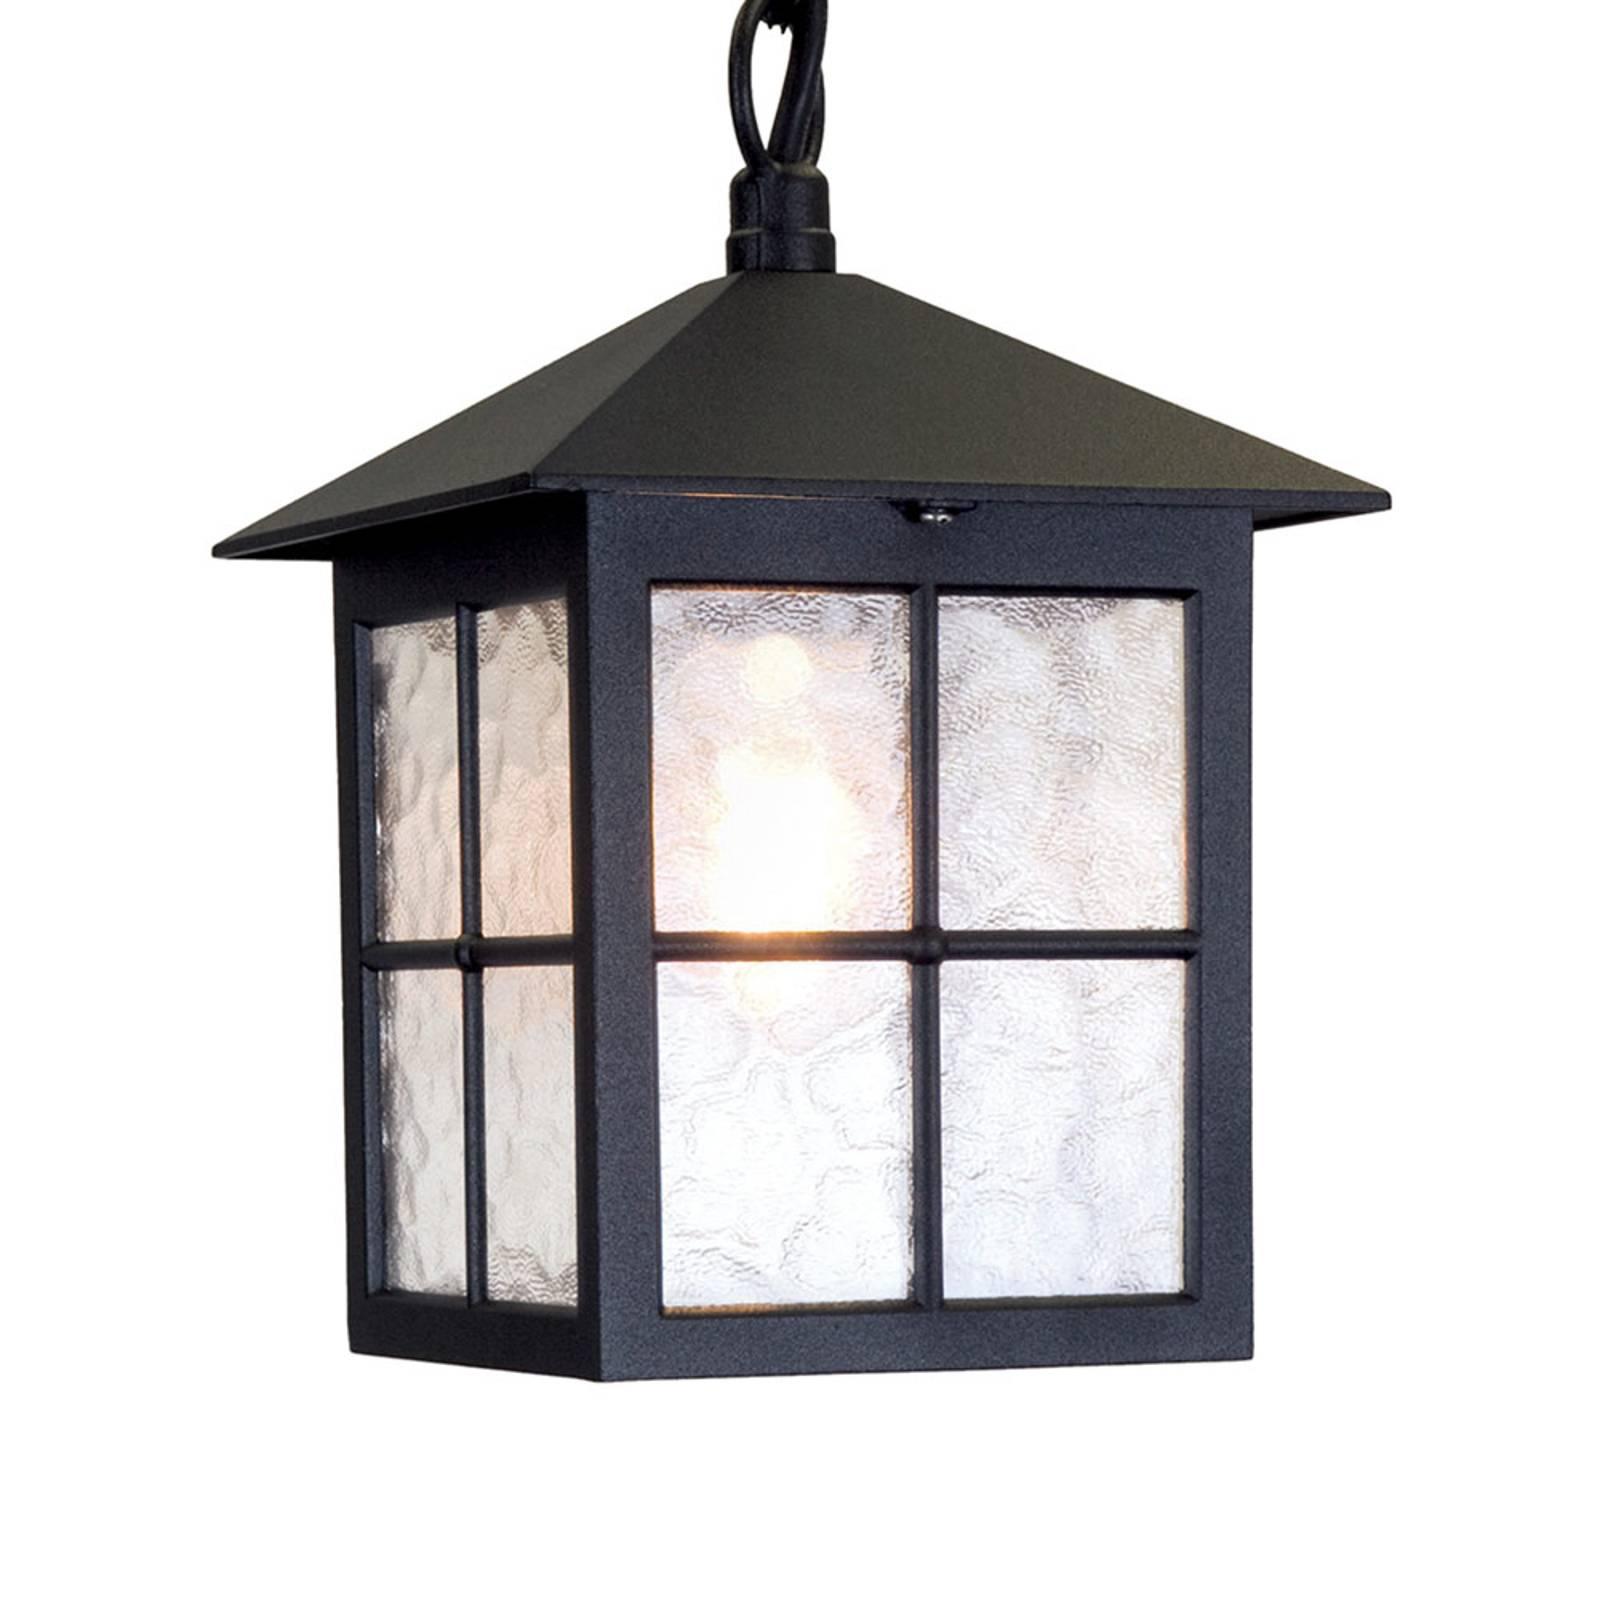 Lampa wisząca zewnętrzna Winchester BL18B